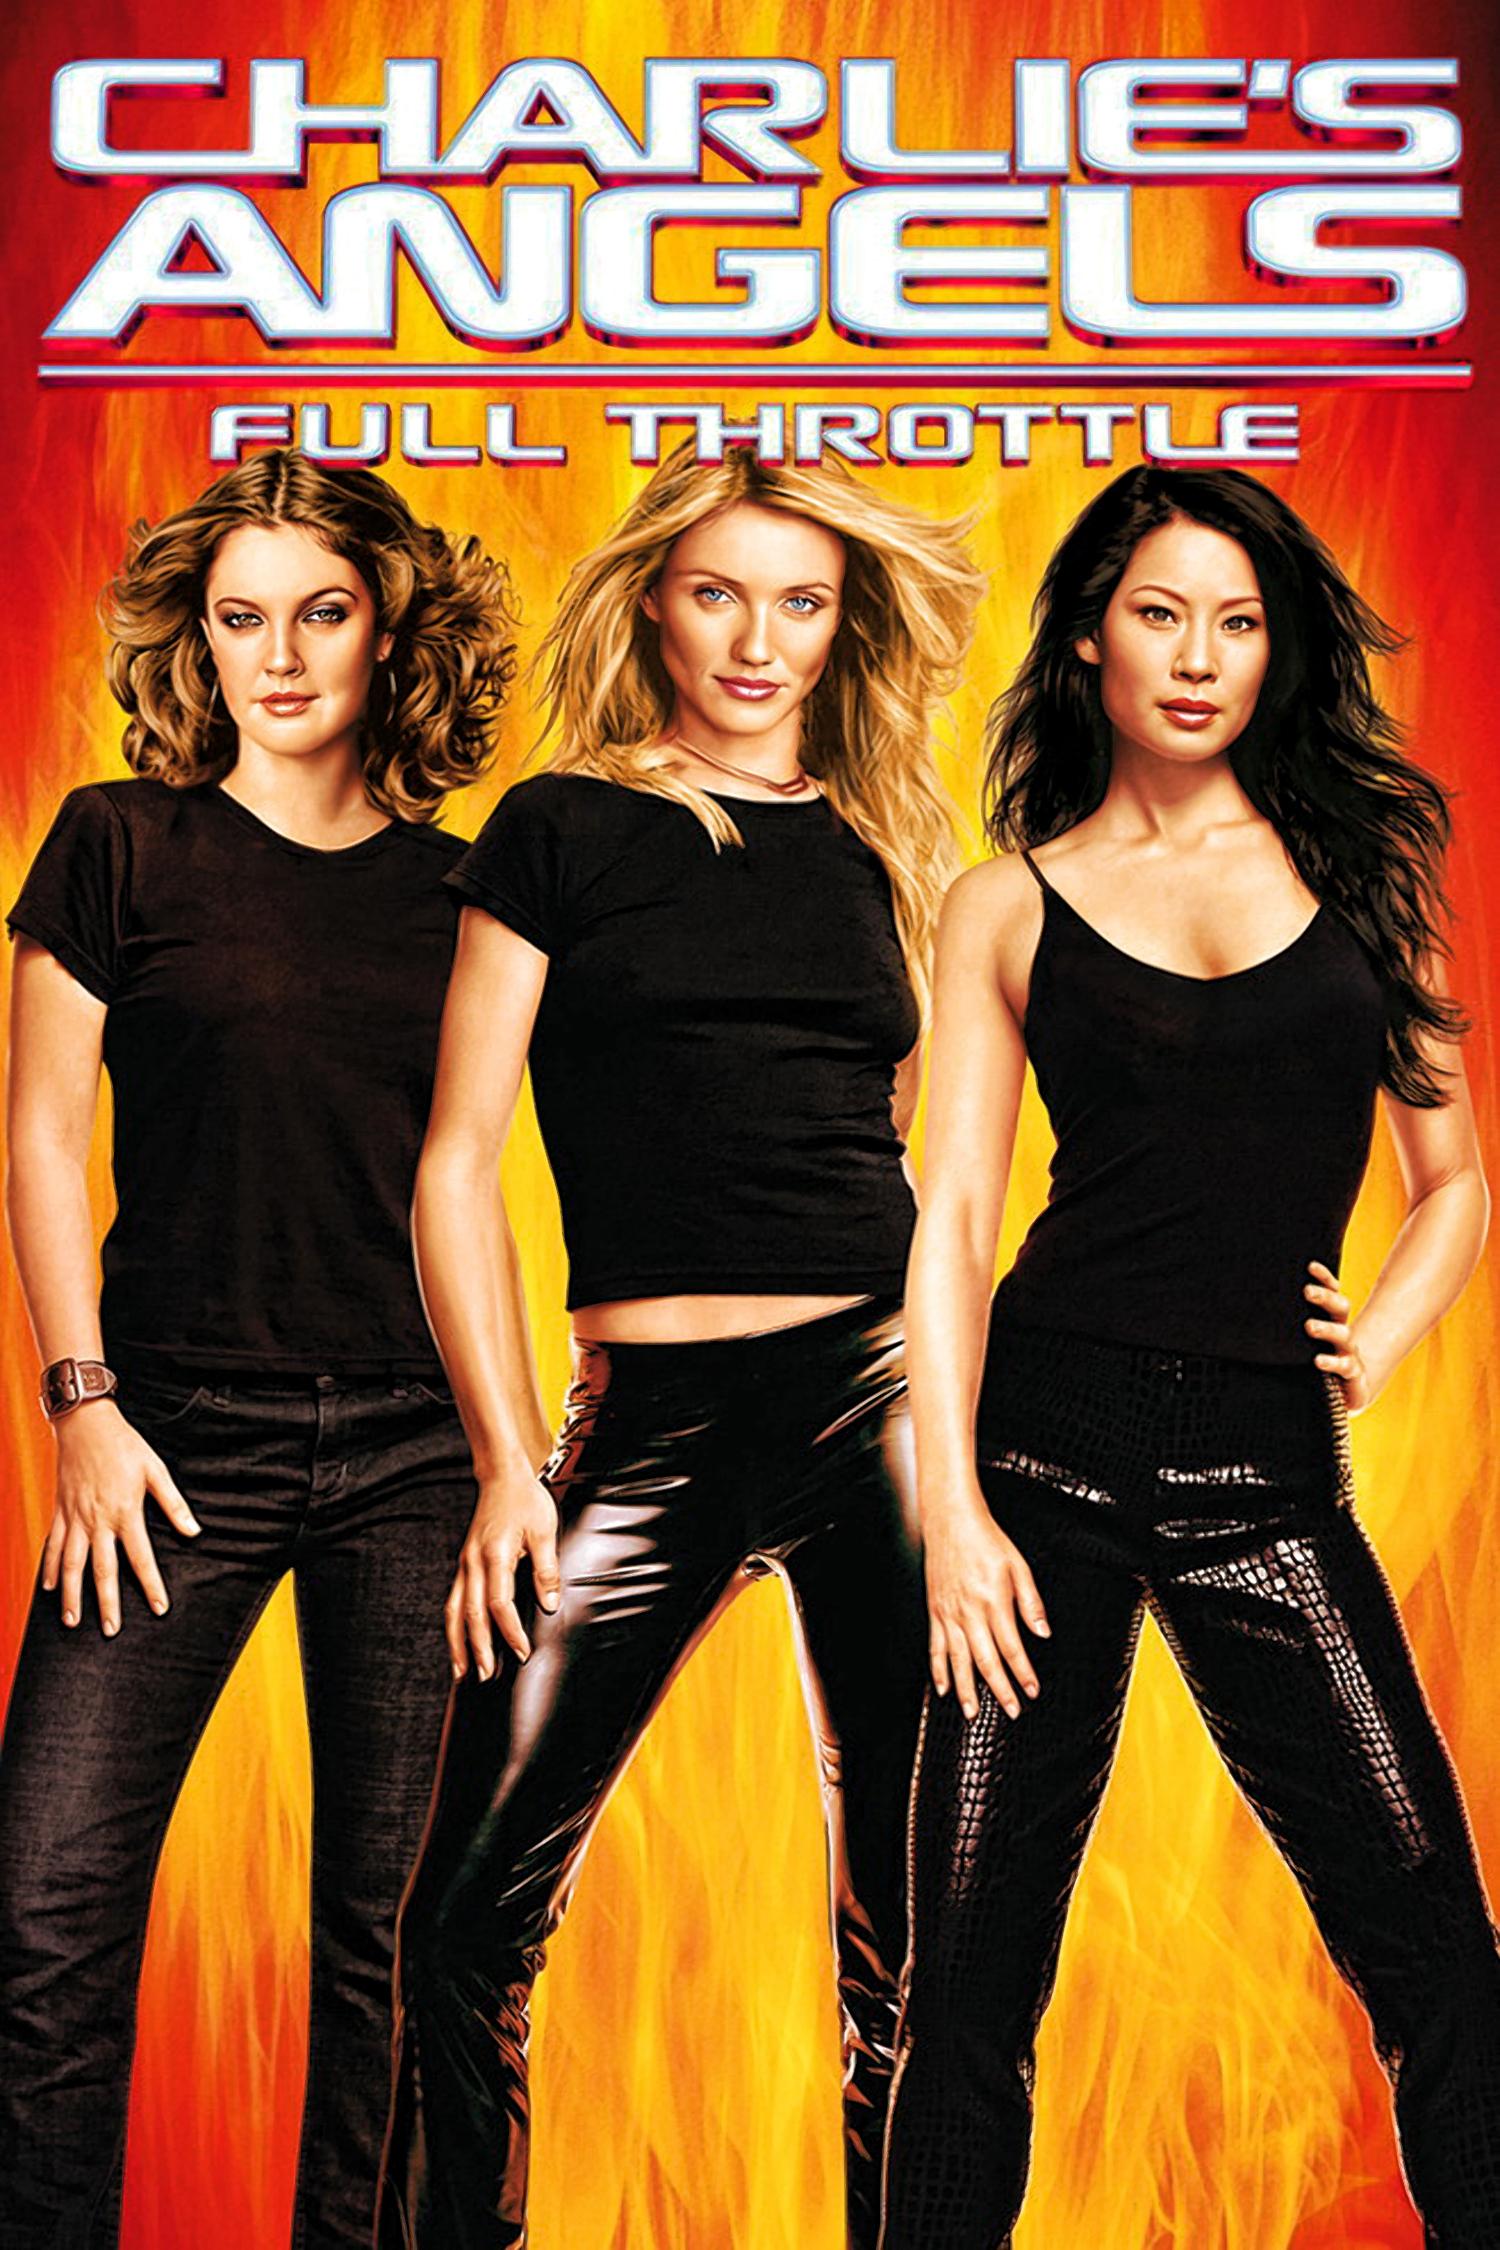 Charlie's Angels Full Throttle 2.jpg